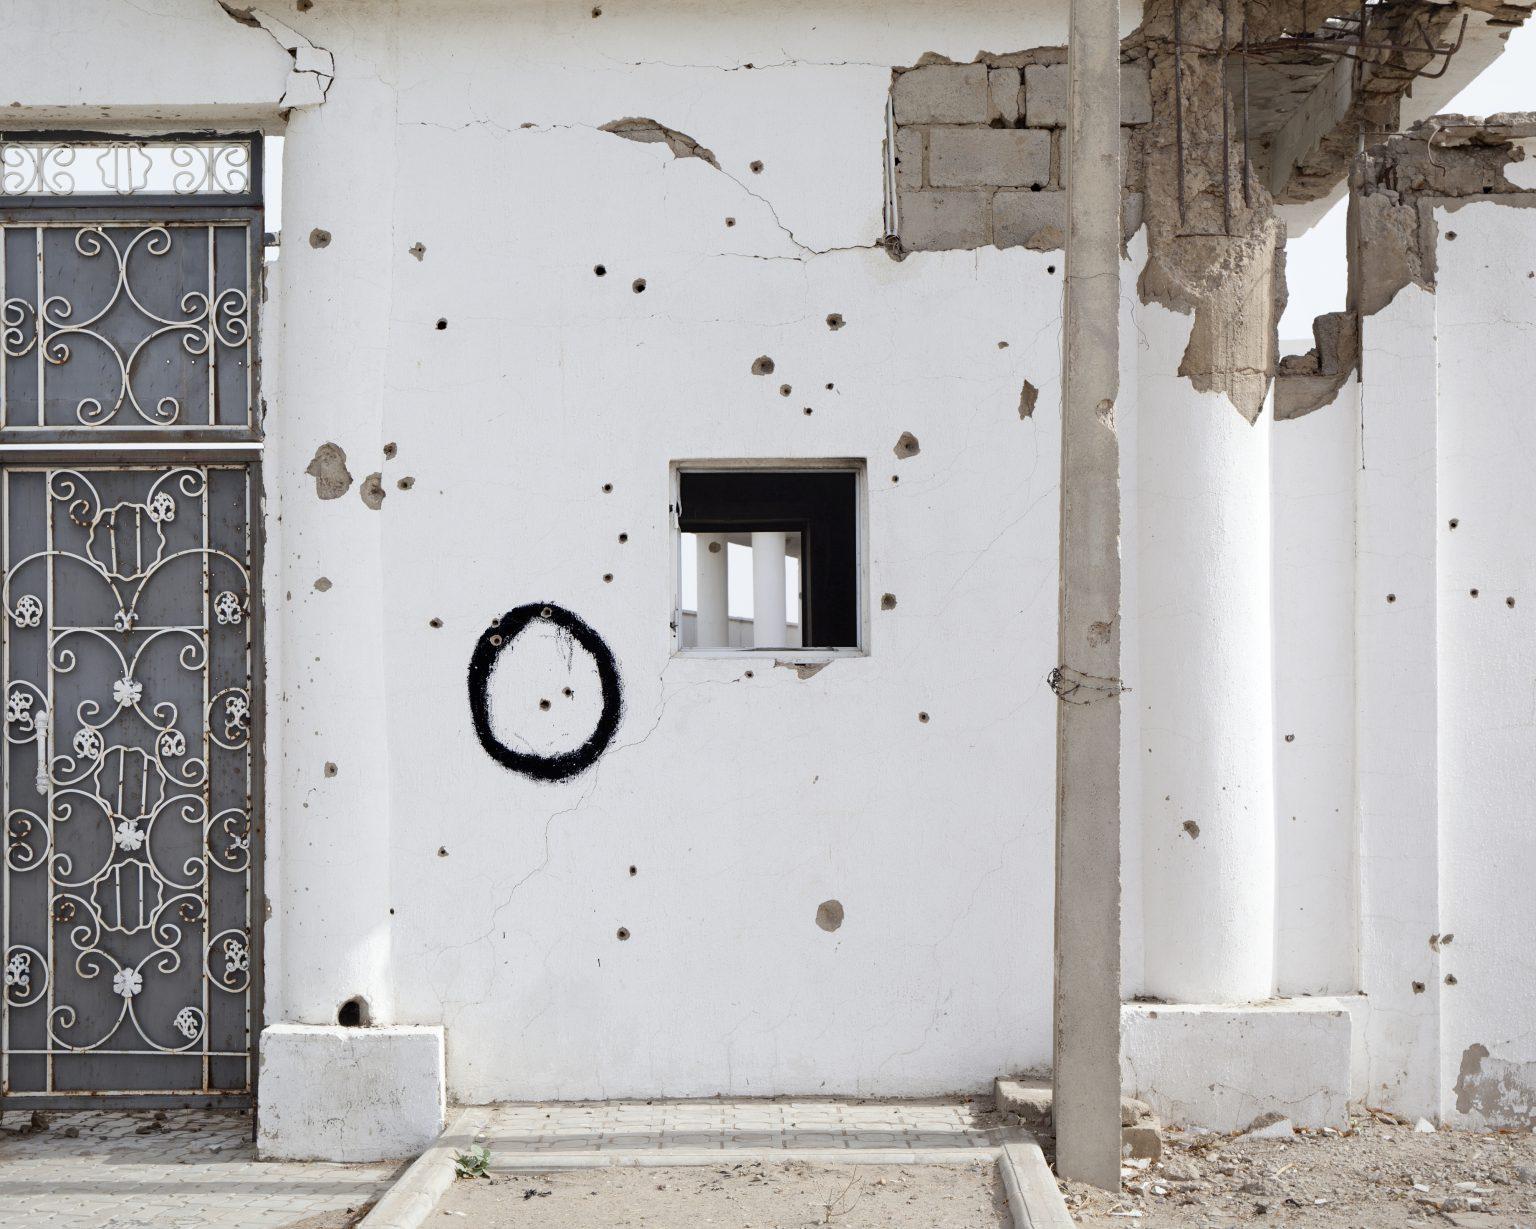 Gamboru Ngala, Borno State (Nigeria), May 2018 - Wall of a mosque riddled with bullets. In 2014 Gamboru was besieged by Boko Haram for 16 months. Today it is controlled by the Nigerian army but the area of Marte, with which it borders, is still occupied by the terrorist group. Approximately 89.000 people are displaced, including refugees from other areas of Borno and returnees from fleeing. >< Gamboru Ngala, Stato di Borno (Nigeria), maggio 2018 - Muro di una moschea crivellato di proiettili. Nel 2014 Gamboru è stata assediata da Boko Haram per 16 mesi. Oggi è controllata dall'esercito nigeriano ma l'area di Marte con cui confina è ancora occupata dal gruppo terroristico. Gli sfollati, tra rifugiati da altre zone del Borno e rientrati dalla fuga, sono circa 89.000.